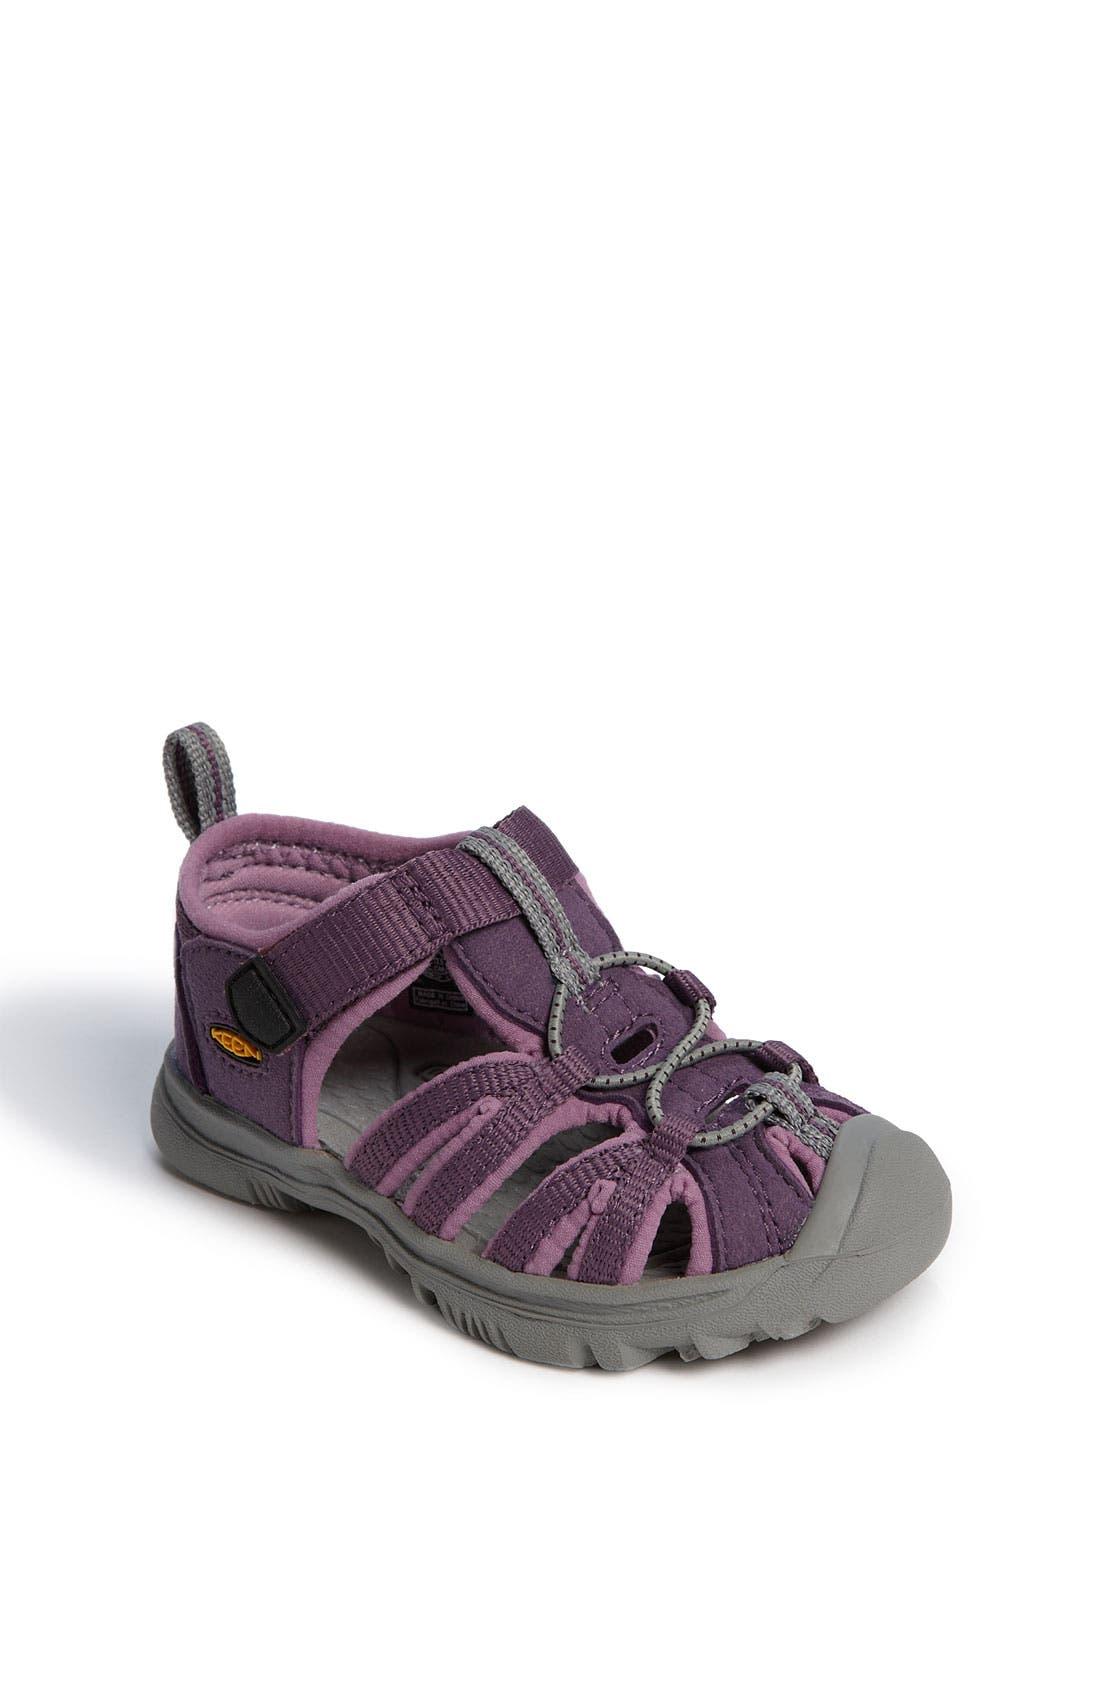 Main Image - Keen 'Whisper' Sandal (Baby & Walker)